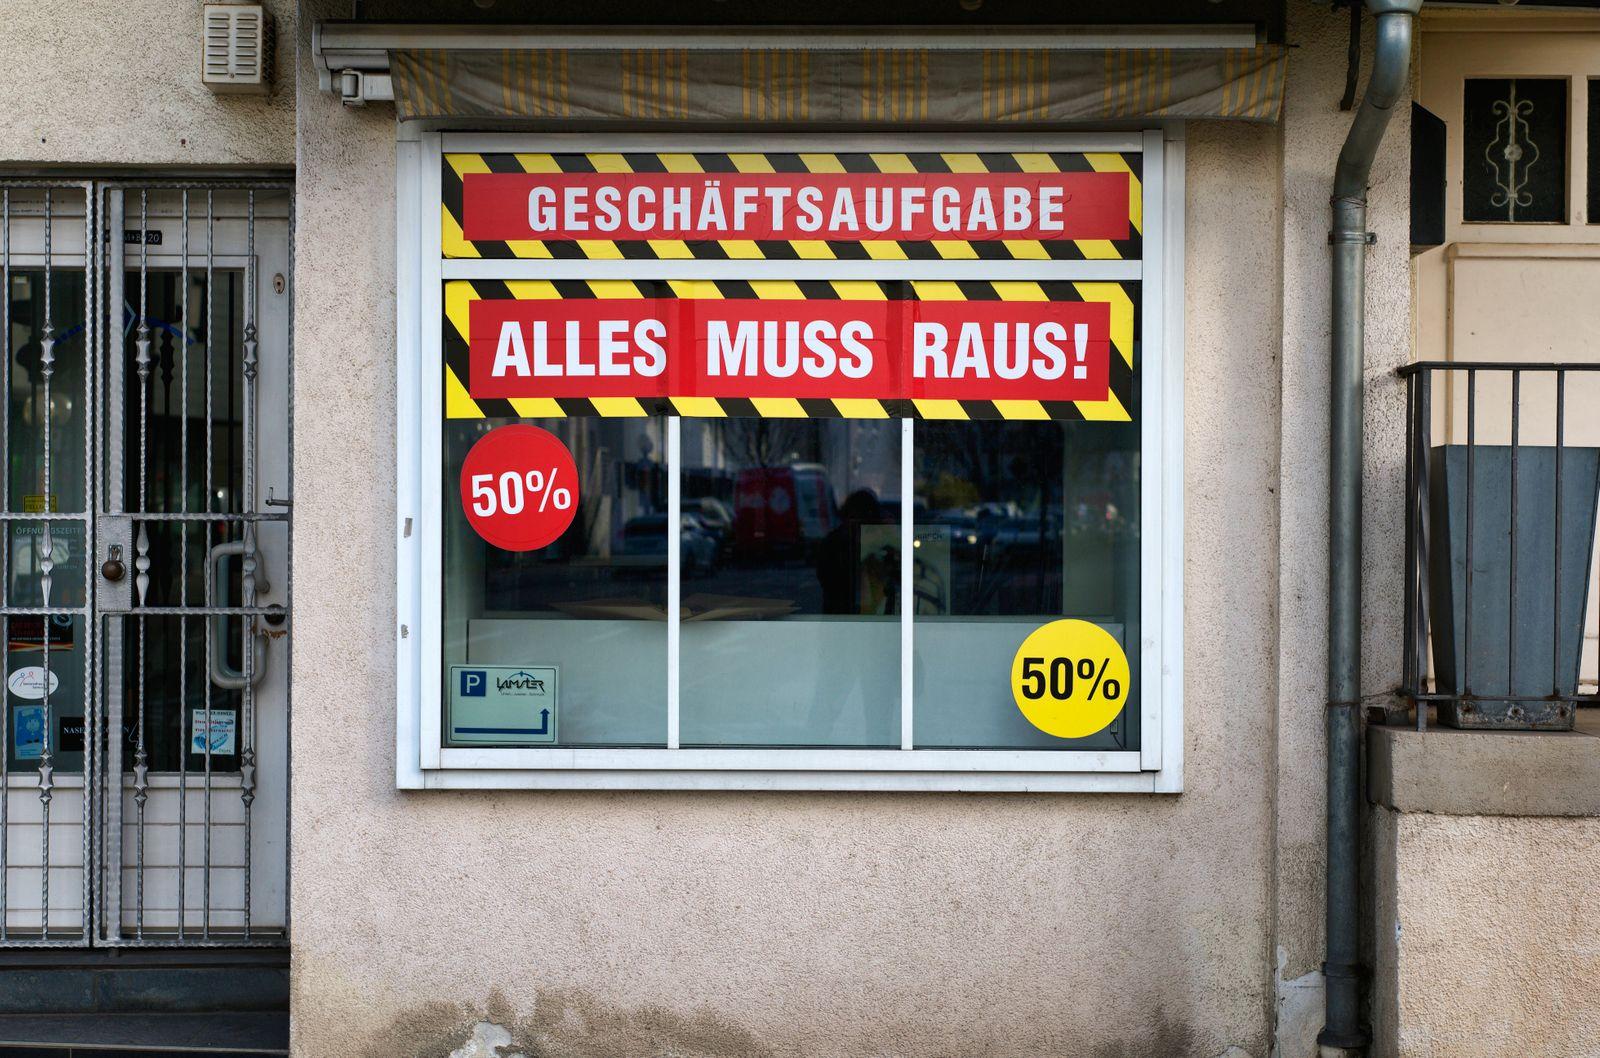 Geschäftsaufgabe, Rabattschlacht, Corona-Krise, Stuttgart, Baden-Württemberg, Deutschland Einzelhandel *** Going out of